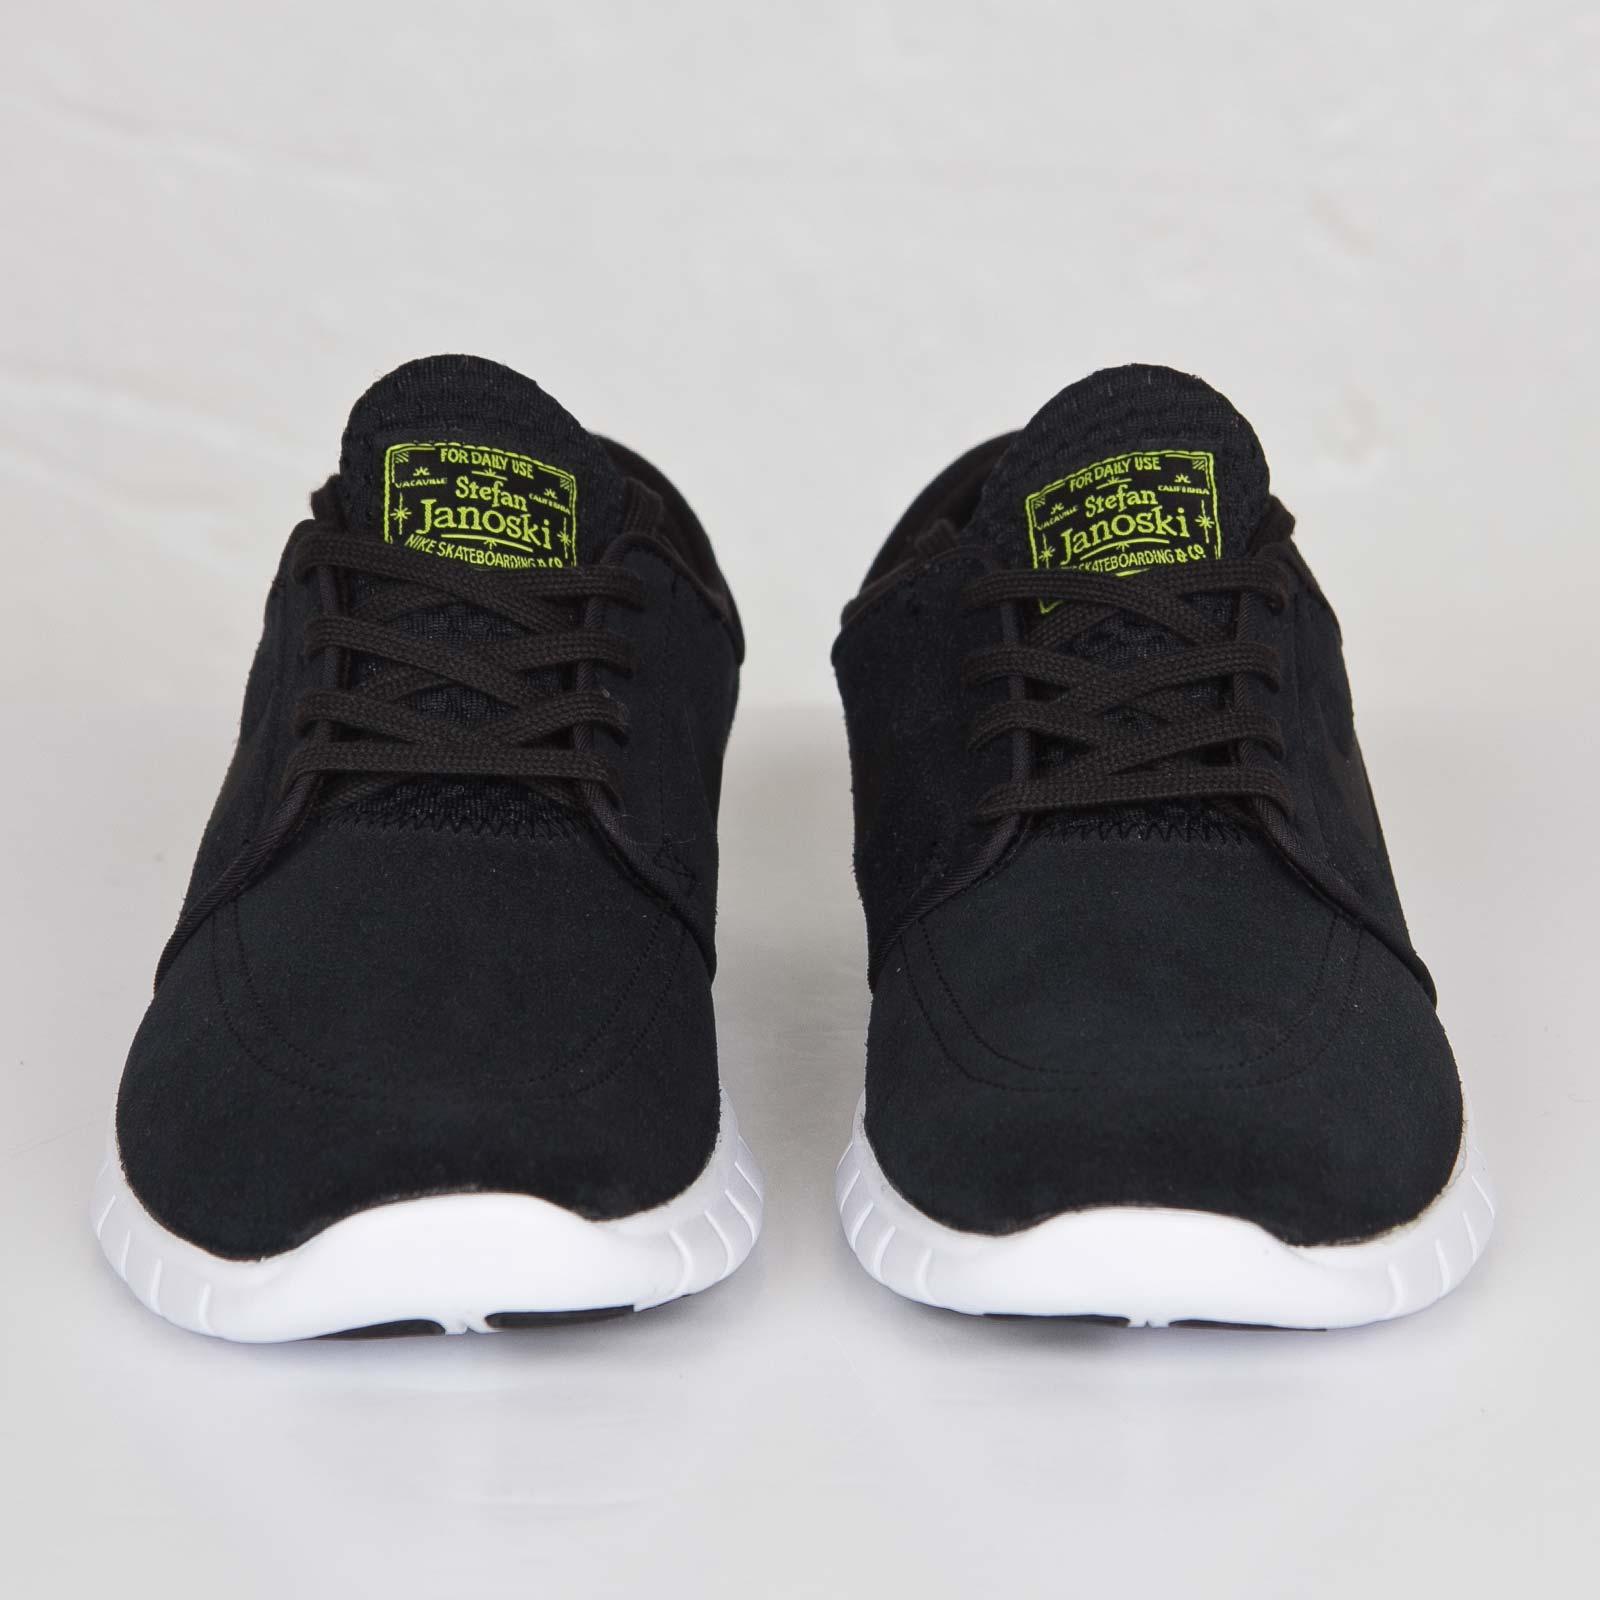 new style 79527 a9506 Nike Stefan Janoski Max L - 685299-003 - Sneakersnstuff   sneakers    streetwear online since 1999